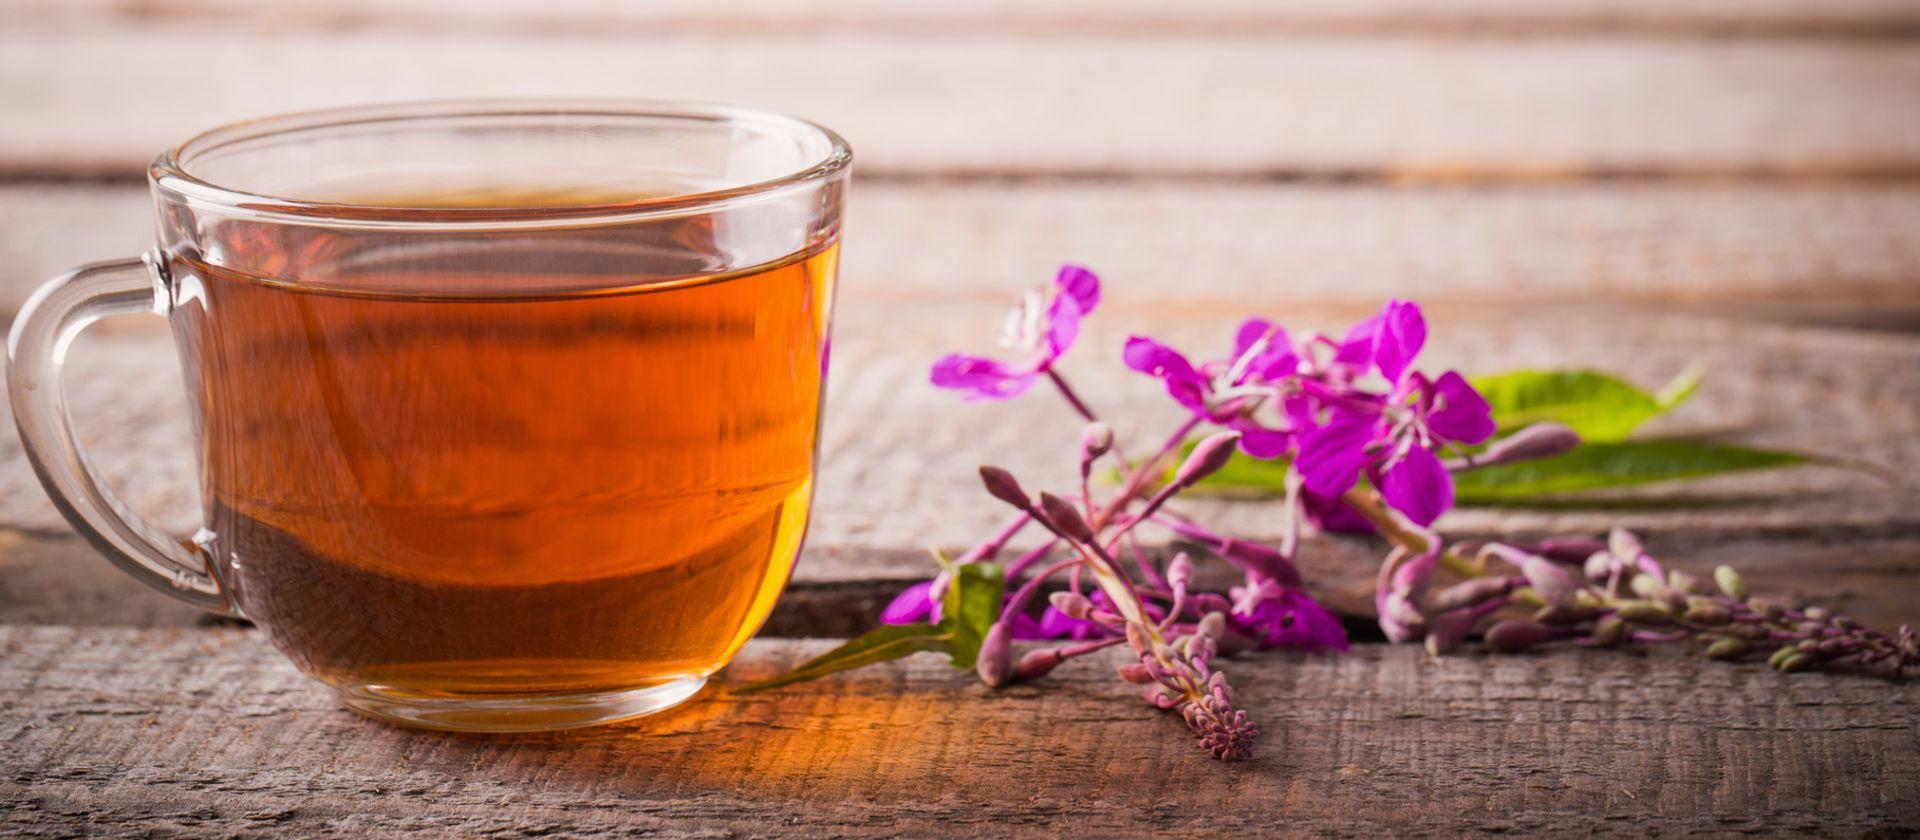 Принимать иван чай можно только по назначению доктора